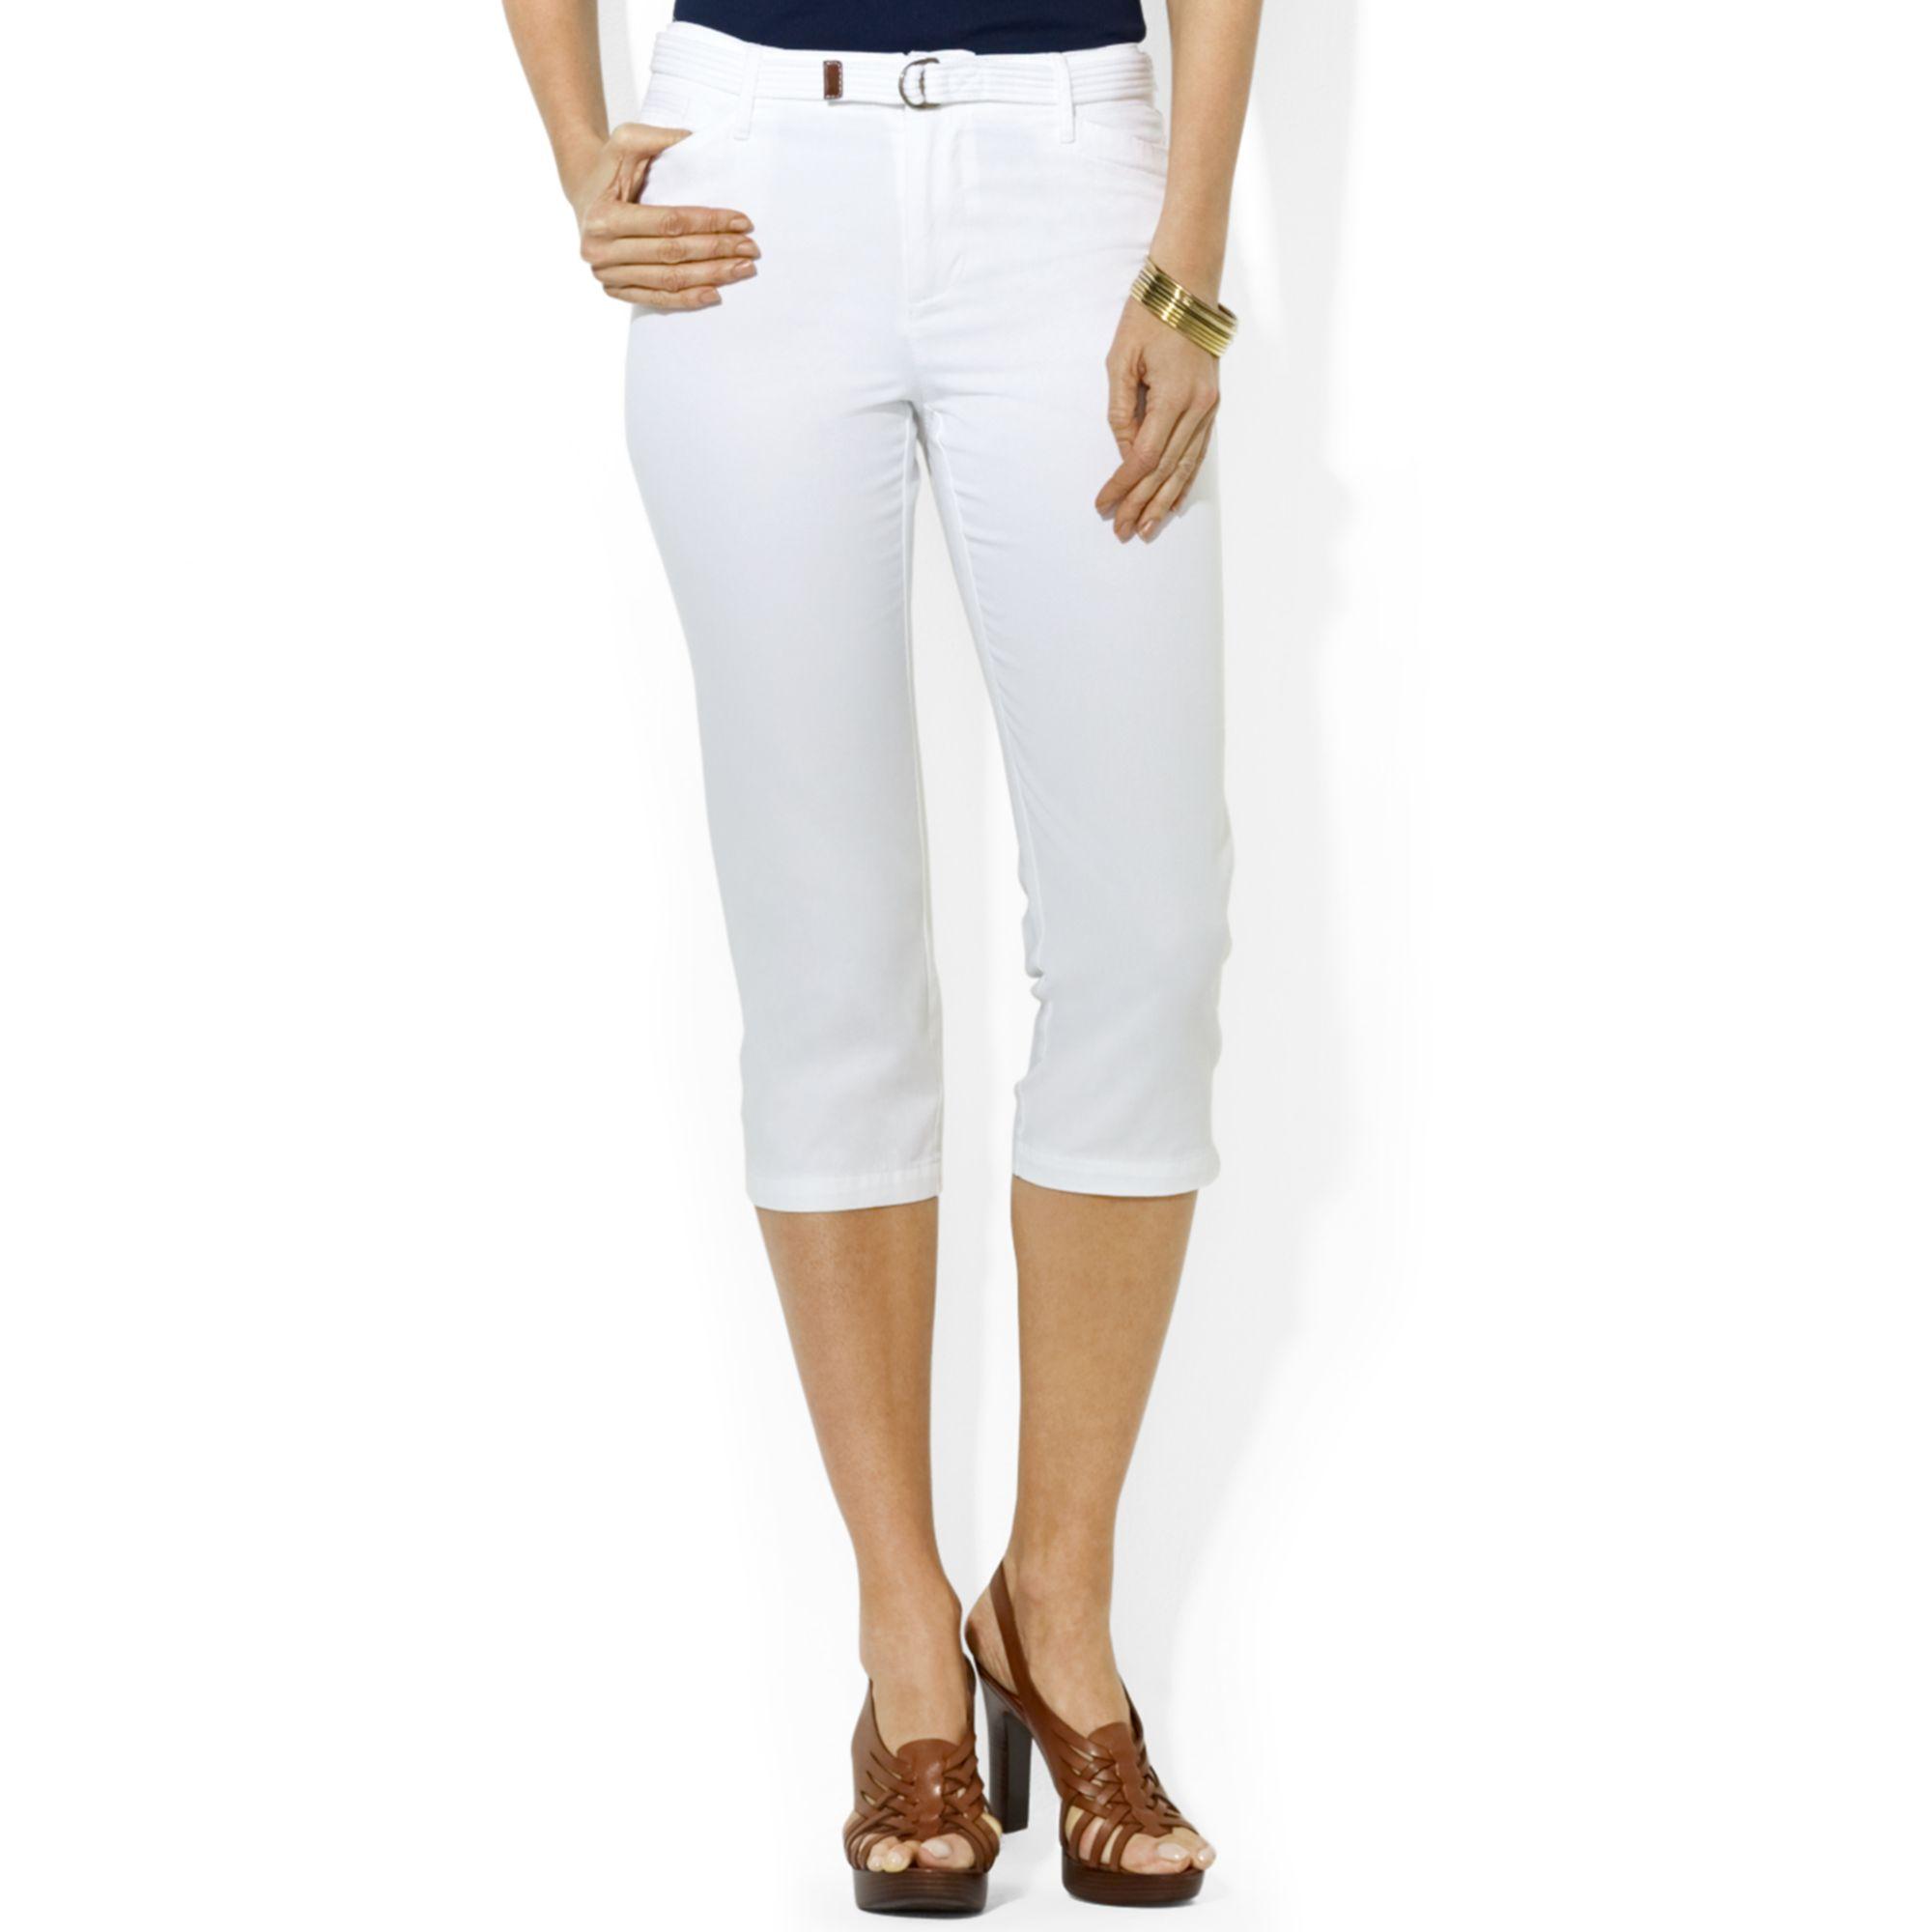 Lauren by ralph lauren Lauren Jeans Co Petite Slimfit Capri Pants ...